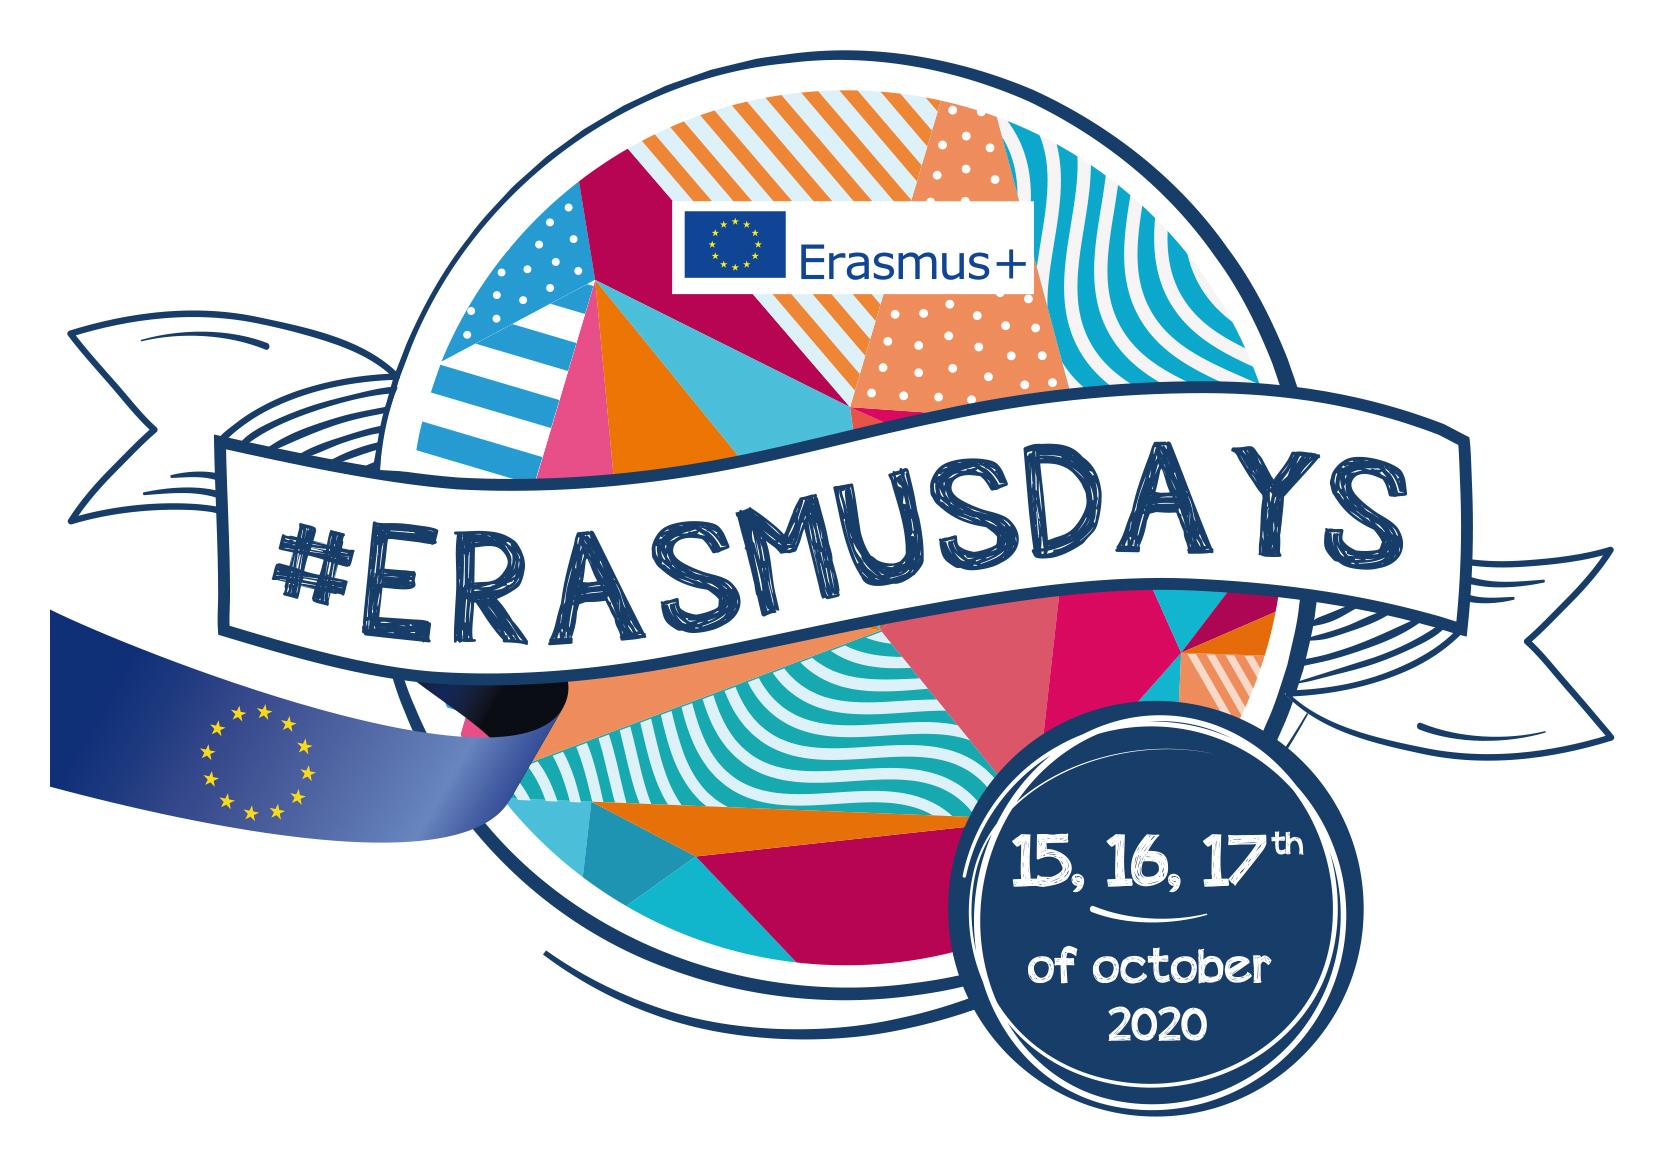 Erasmus Days 2020: Three days of celebration of the Erasmus+ Programme